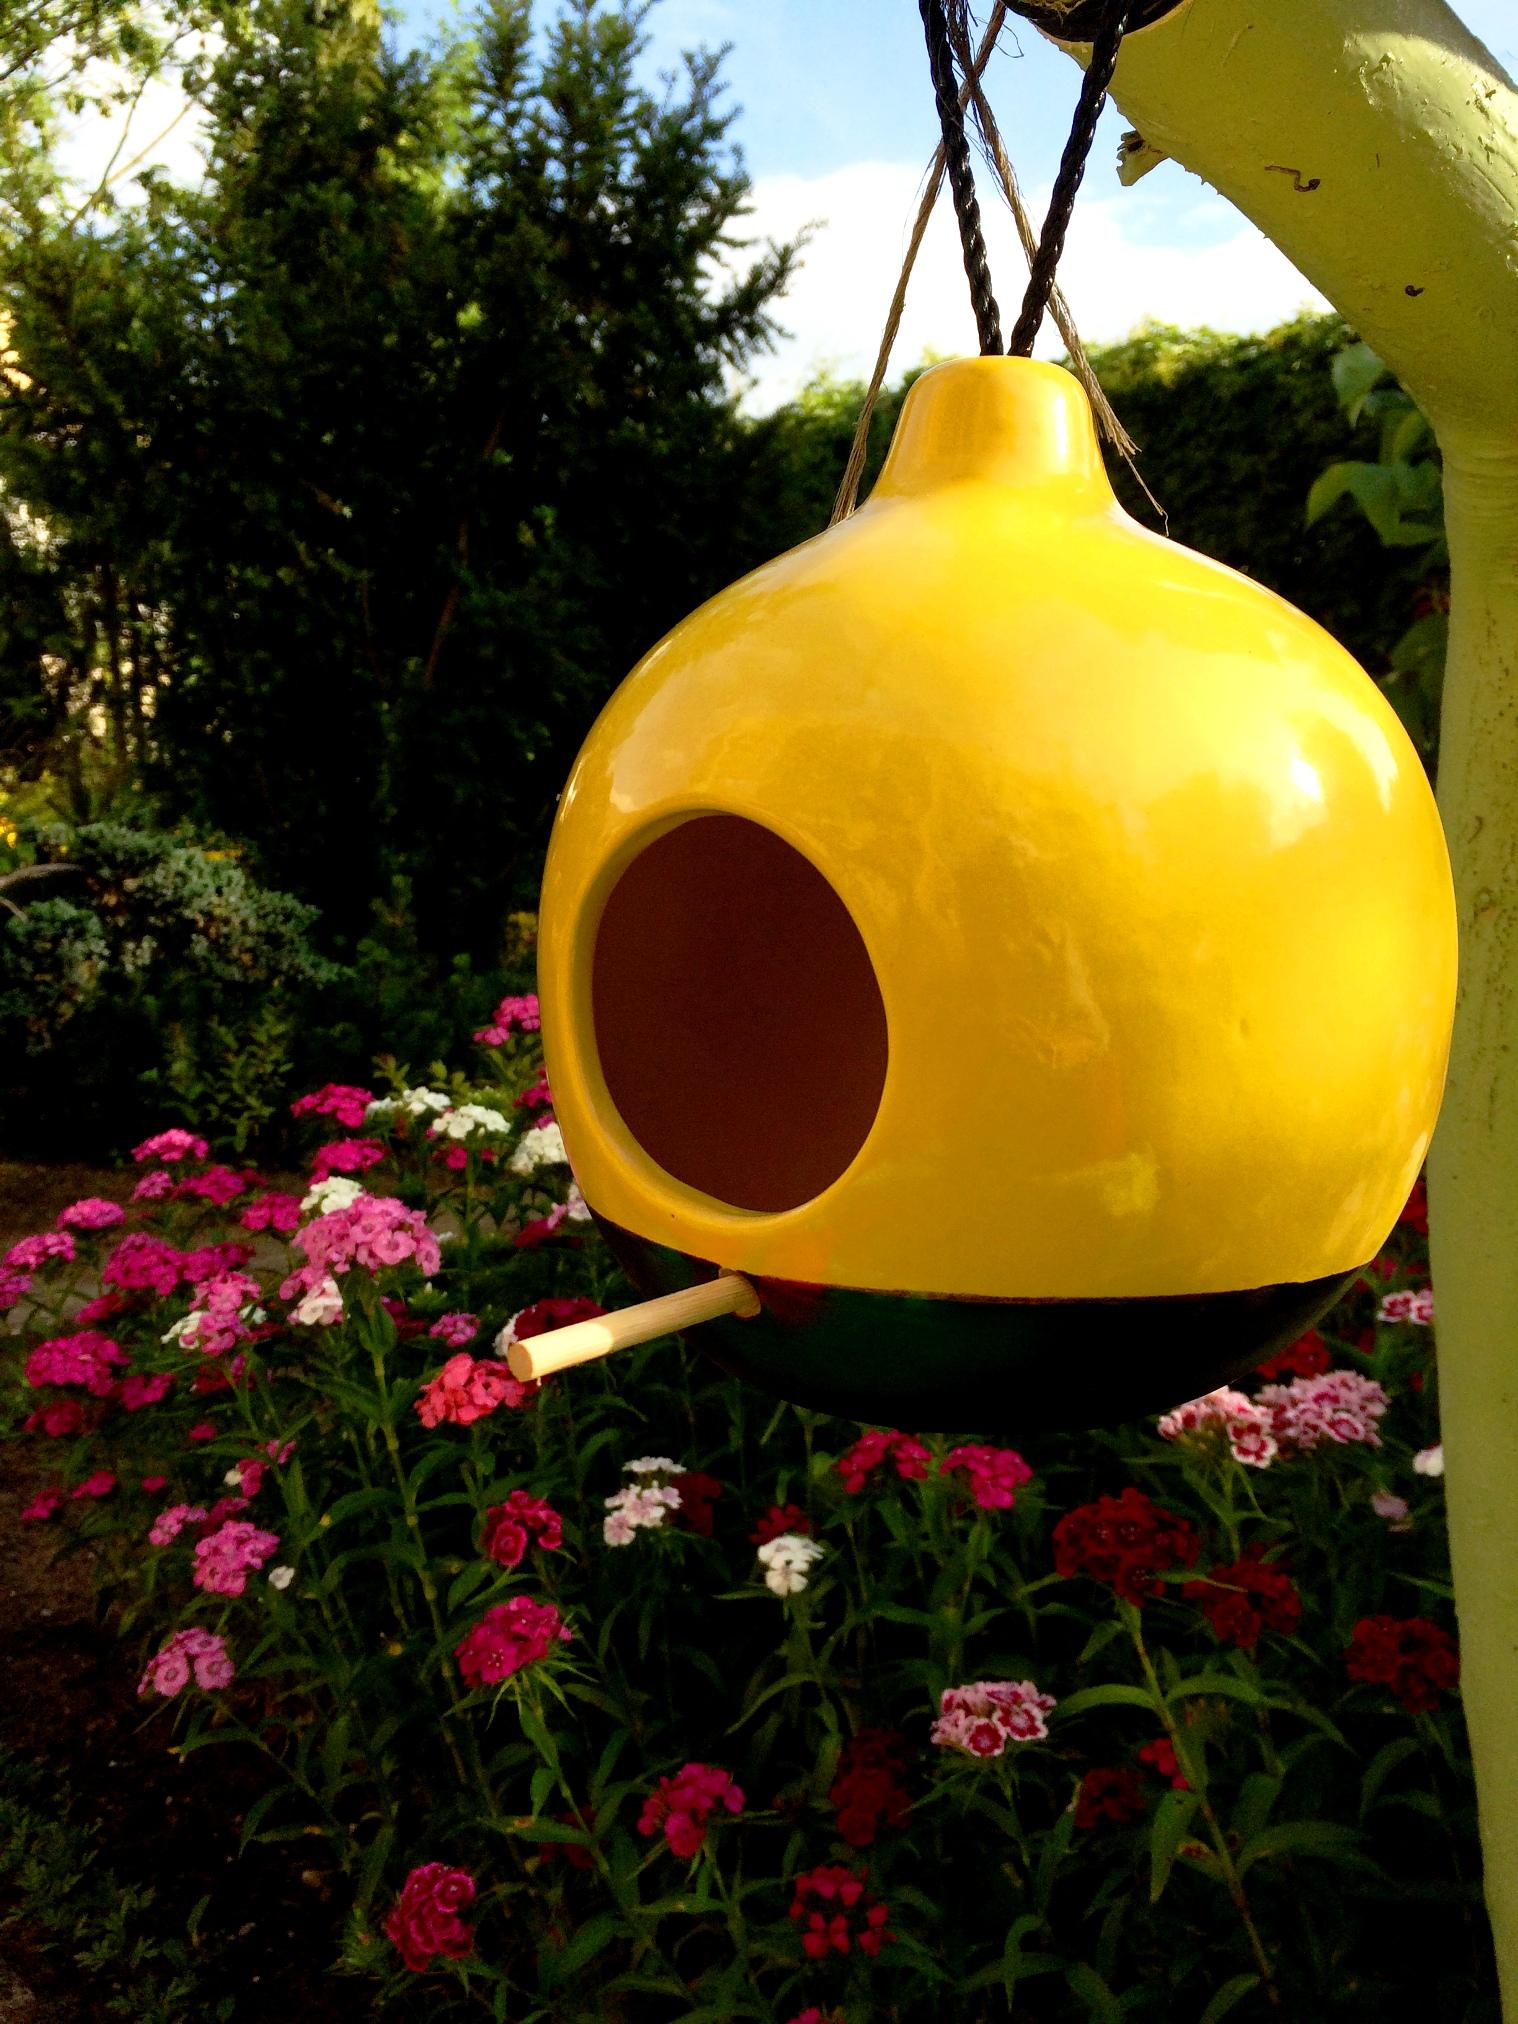 32 jysk metamorfozy projektowanie dekorowanie ogrodu garden party decorating ideas landscape design forelementspl jysk15lat jyskmetamorfozy